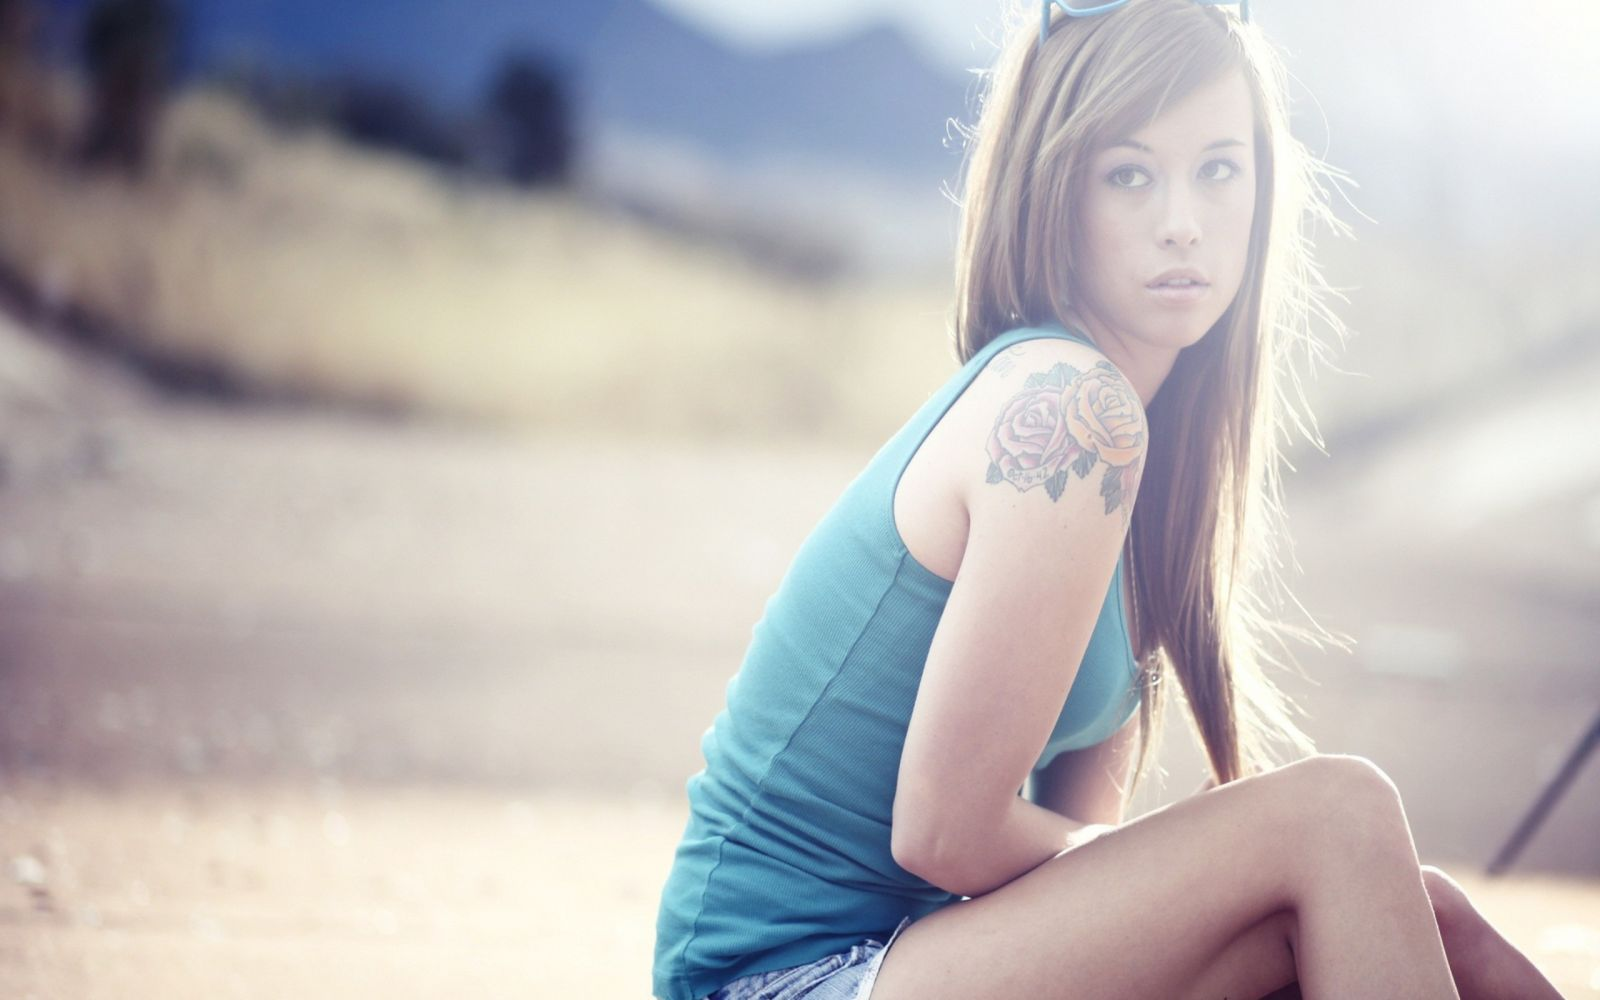 татуировка женская да или нет